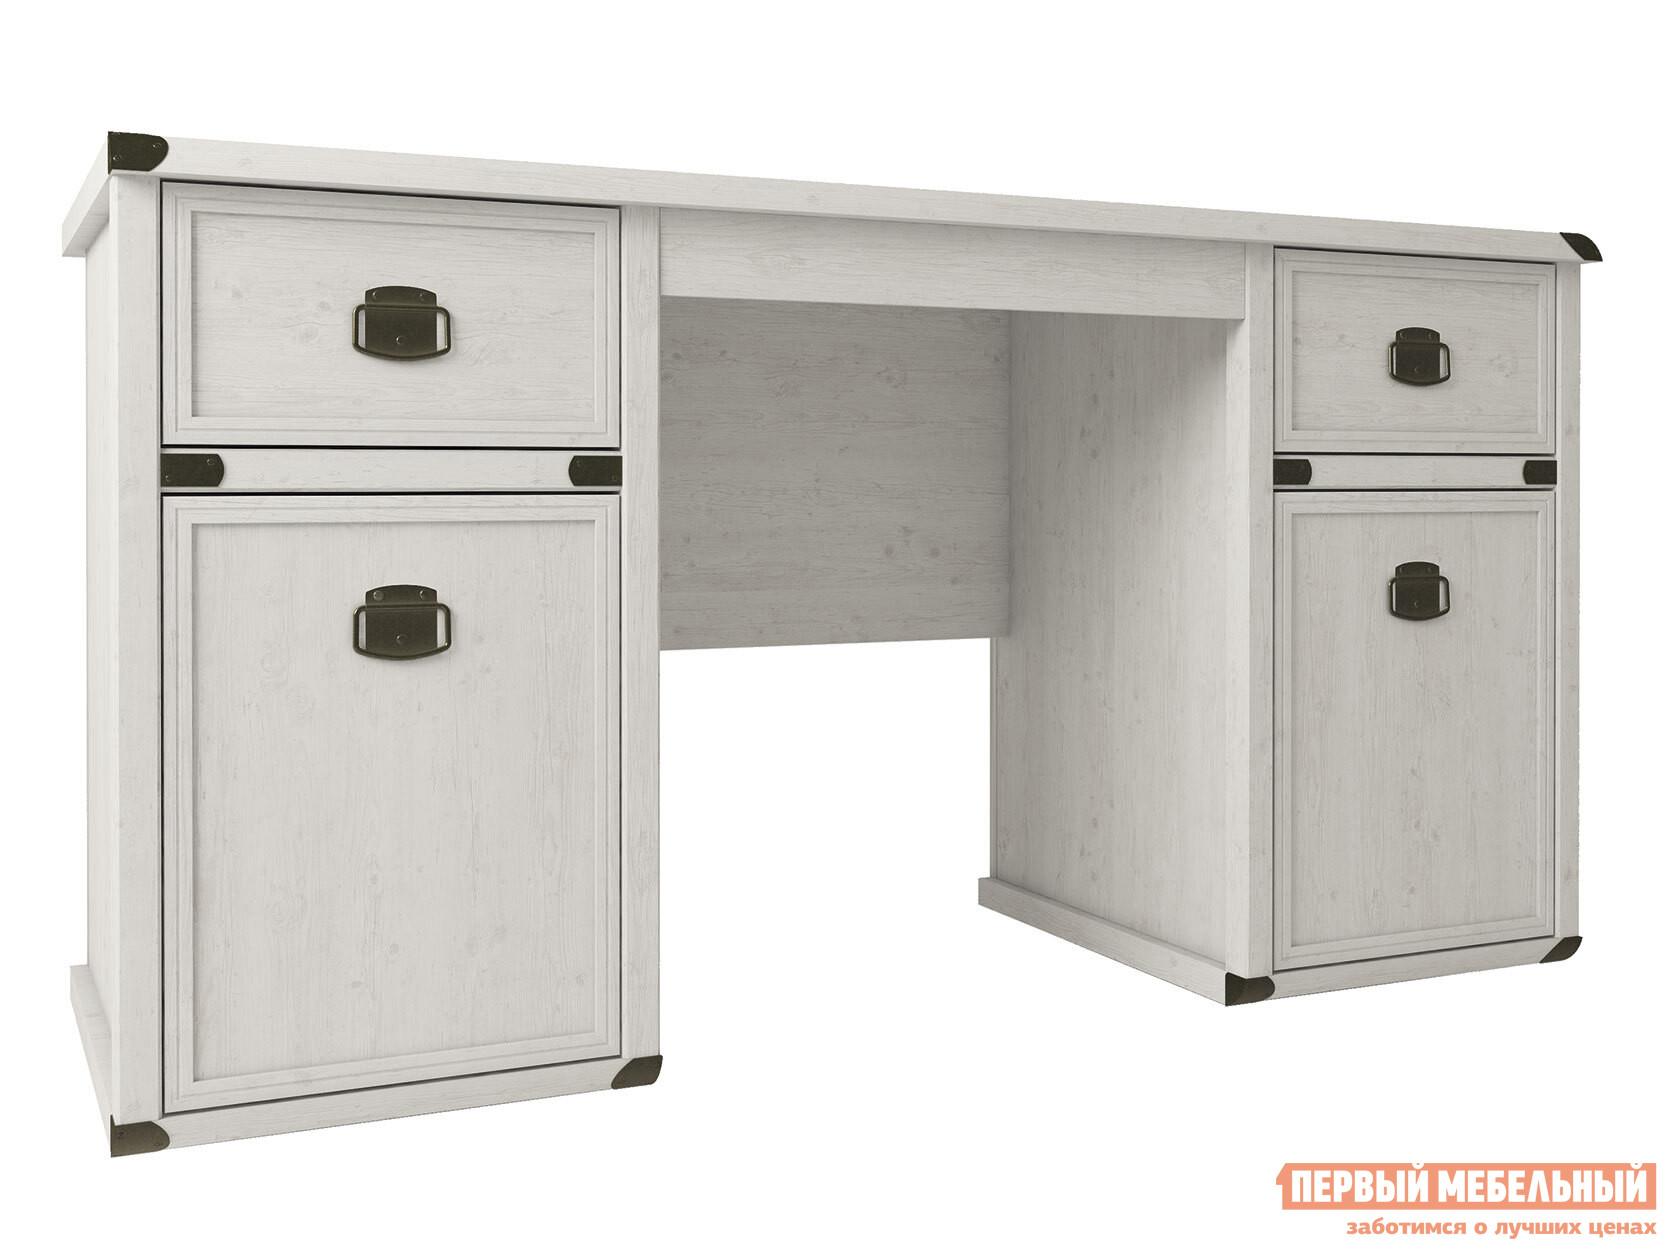 Письменный стол Первый Мебельный Стол письменный 2 ящика Магеллан